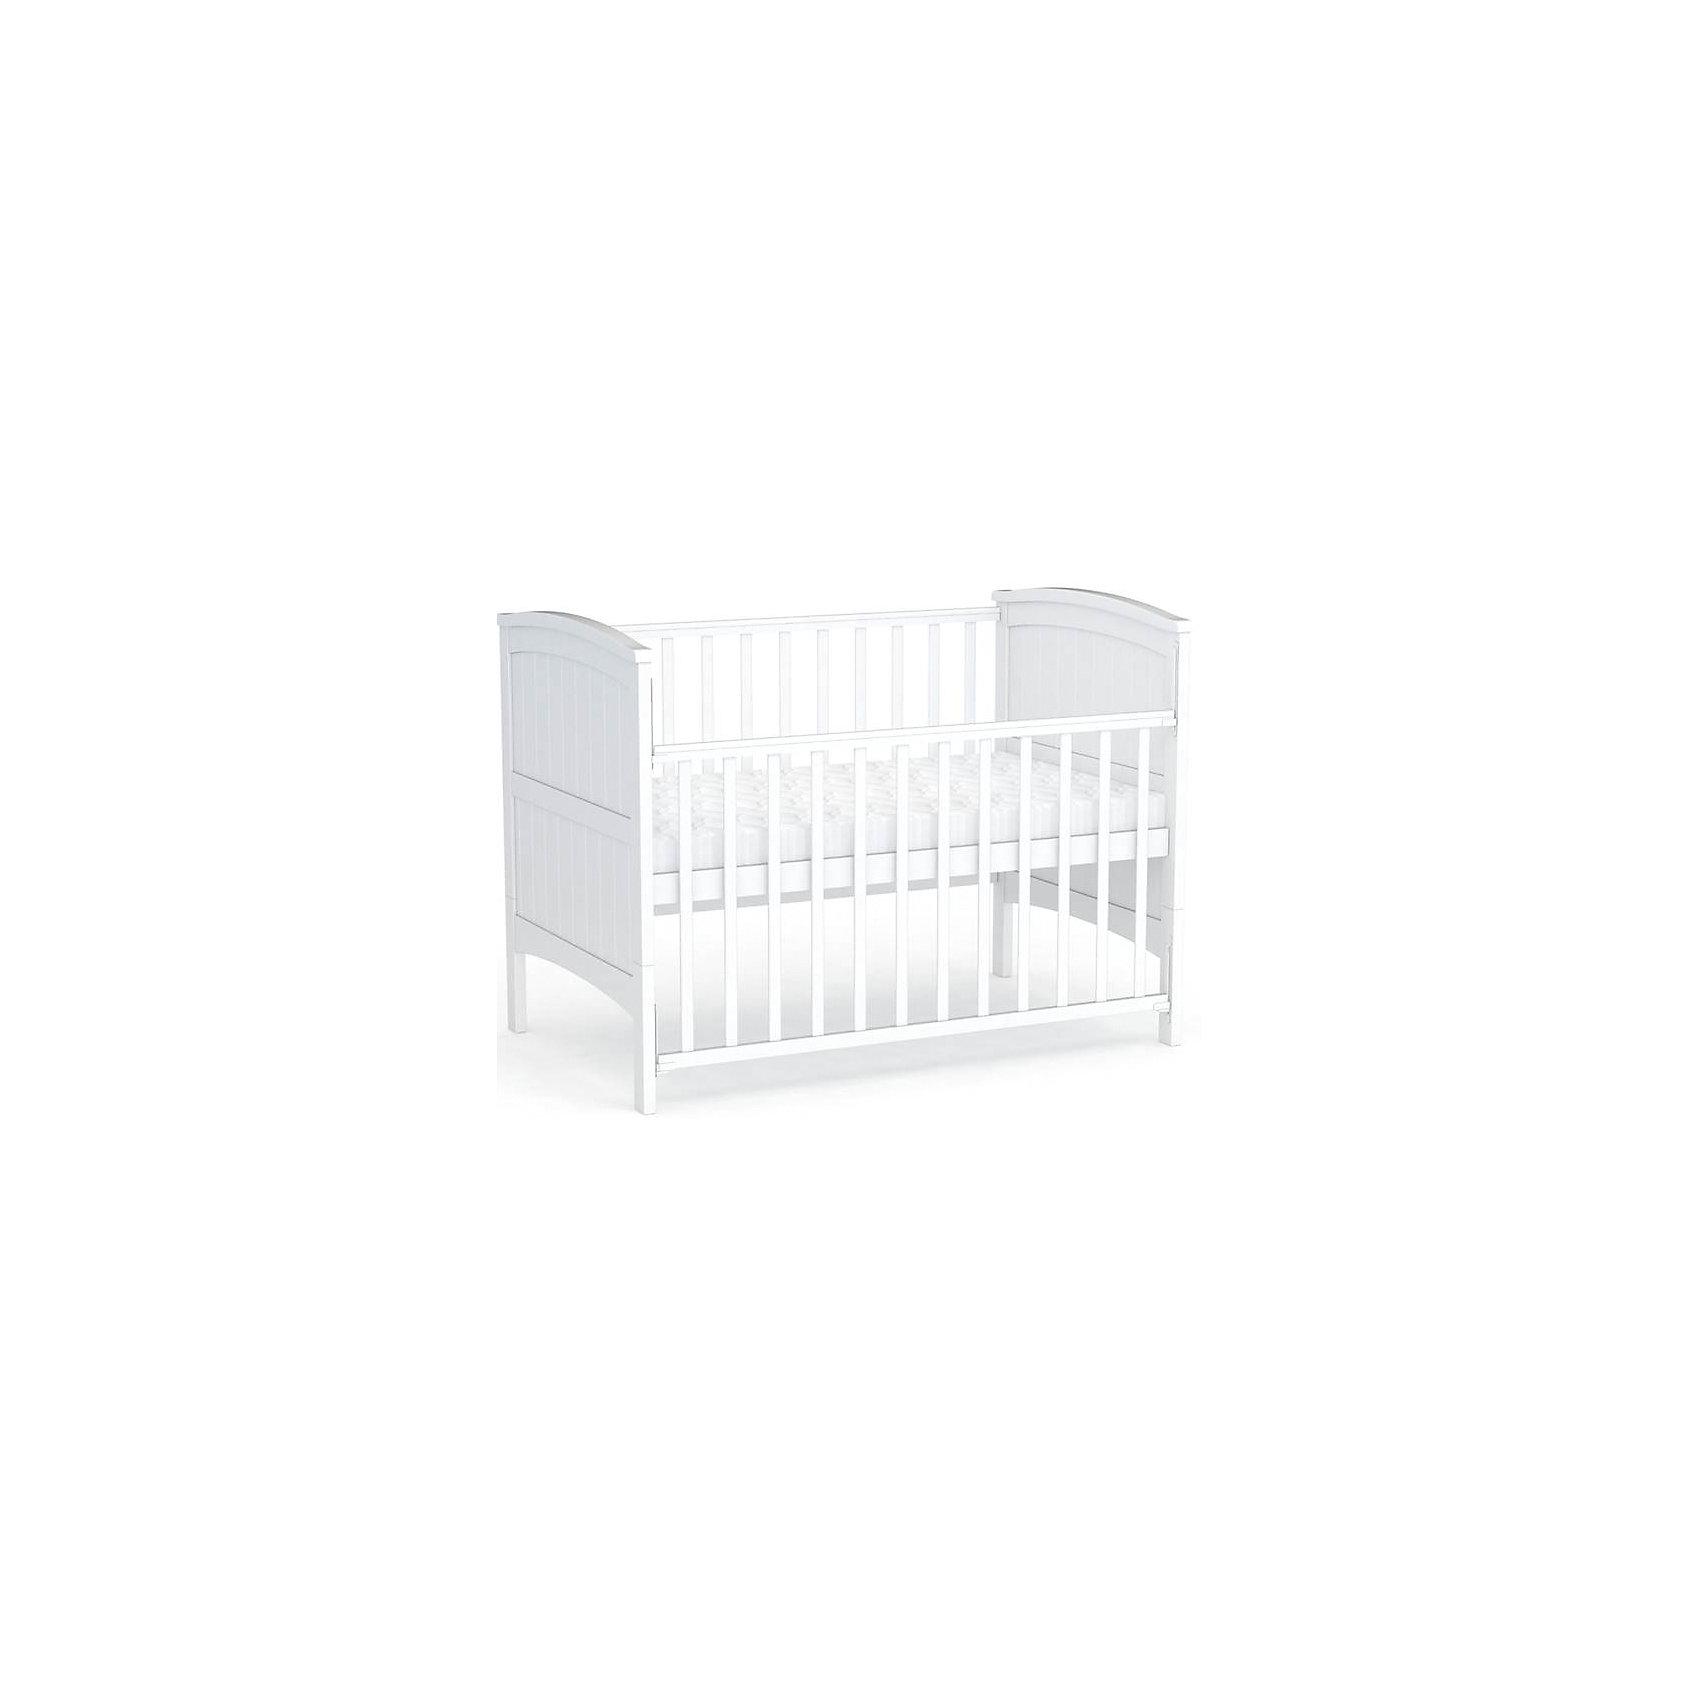 Кровать-трансформер 810, Фея, белыйКроватки<br>Кровать-трансформер Фея выполнена из натурального дерева, имеет стильный и лаконичный дизайн, который прекрасно впишется в интерьер любой детской комнаты.<br>Ортопедическое основание способствует правильному развитию осанки ребенка, высота ложа регулируется в двух положениях - когда ваш кроха подрастет, опустите дно кровати и не беспокойтесь о том, что юный непоседа сможет самостоятельно выбраться из своего гнездышка. При помощи специального механизма передняя стенка модели легко и быстро опускается даже одной рукой.<br>Кровать Фея 810 - это многофункциональная мебель, которую можно использовать с рождения малыша. Пока ваш ребенок маленький она используется со стандартными боковыми стенками. Когда же кроха подрастет, боковины и нижние части спинок снимаются и кровать превращается в обычную классическую модель. <br><br>Дополнительная информация:<br><br>- Материал: дерево (массив березы).<br>- Размеры: 97,4 х 154,6 х 80 см.<br>- Для матраса размером: 70х140 см.<br>- Ложе регулируется в 2-х положениях.<br>- Передняя стенка опускается (механизм Автостенка).<br>- Накладки из ПВХ.<br>- Ортопедическое основание.<br>- Съемные боковые стенки и нижние части спинок.<br><br>Кровать-трансформер 810, Фея, белую, можно купить в нашем магазине.<br><br>Ширина мм: 790<br>Глубина мм: 1470<br>Высота мм: 974<br>Вес г: 24000<br>Возраст от месяцев: 0<br>Возраст до месяцев: 36<br>Пол: Унисекс<br>Возраст: Детский<br>SKU: 4796979